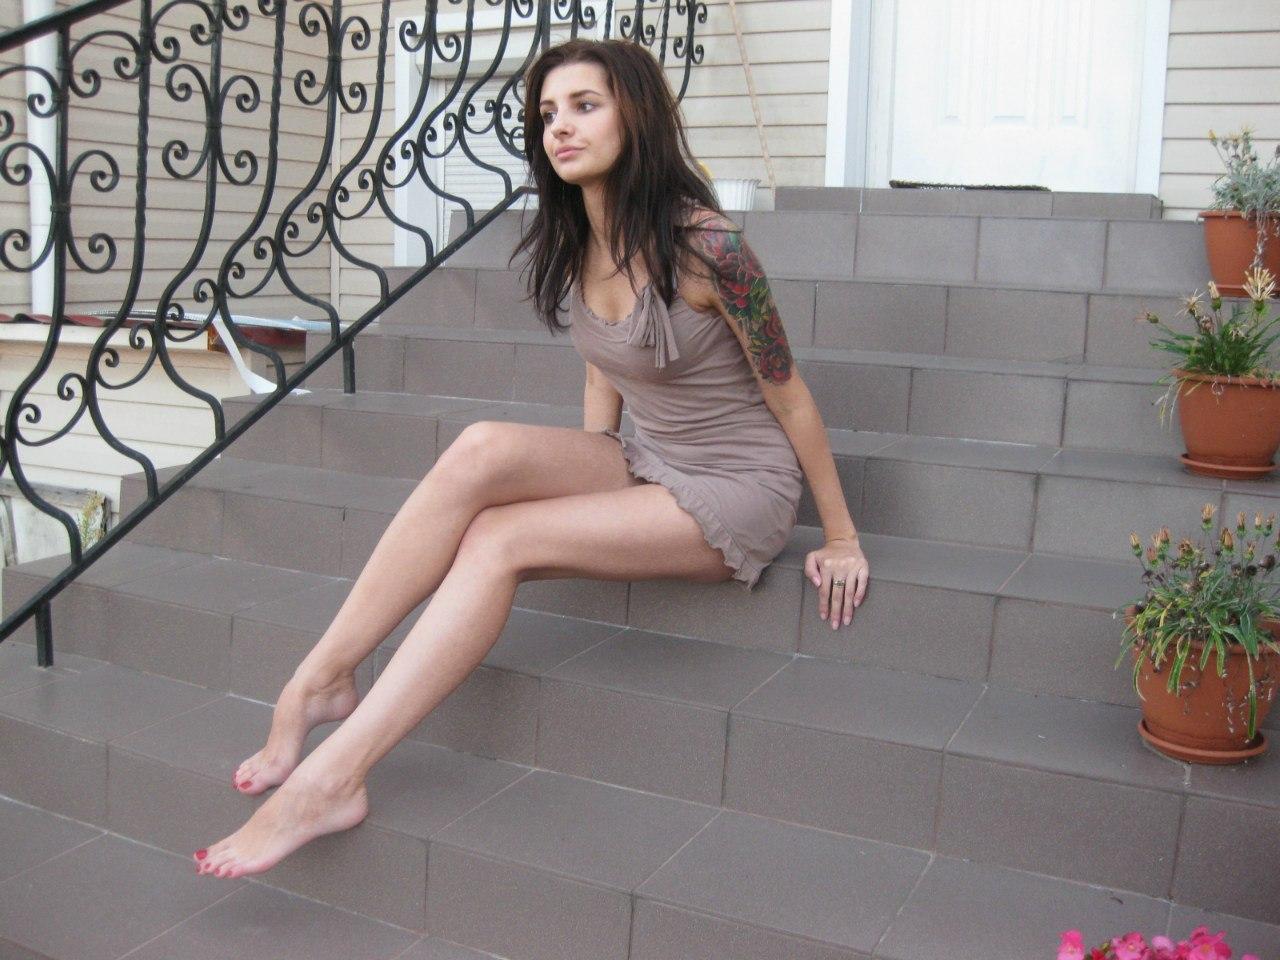 Фото девушки в платье с красивыми босыми ножками